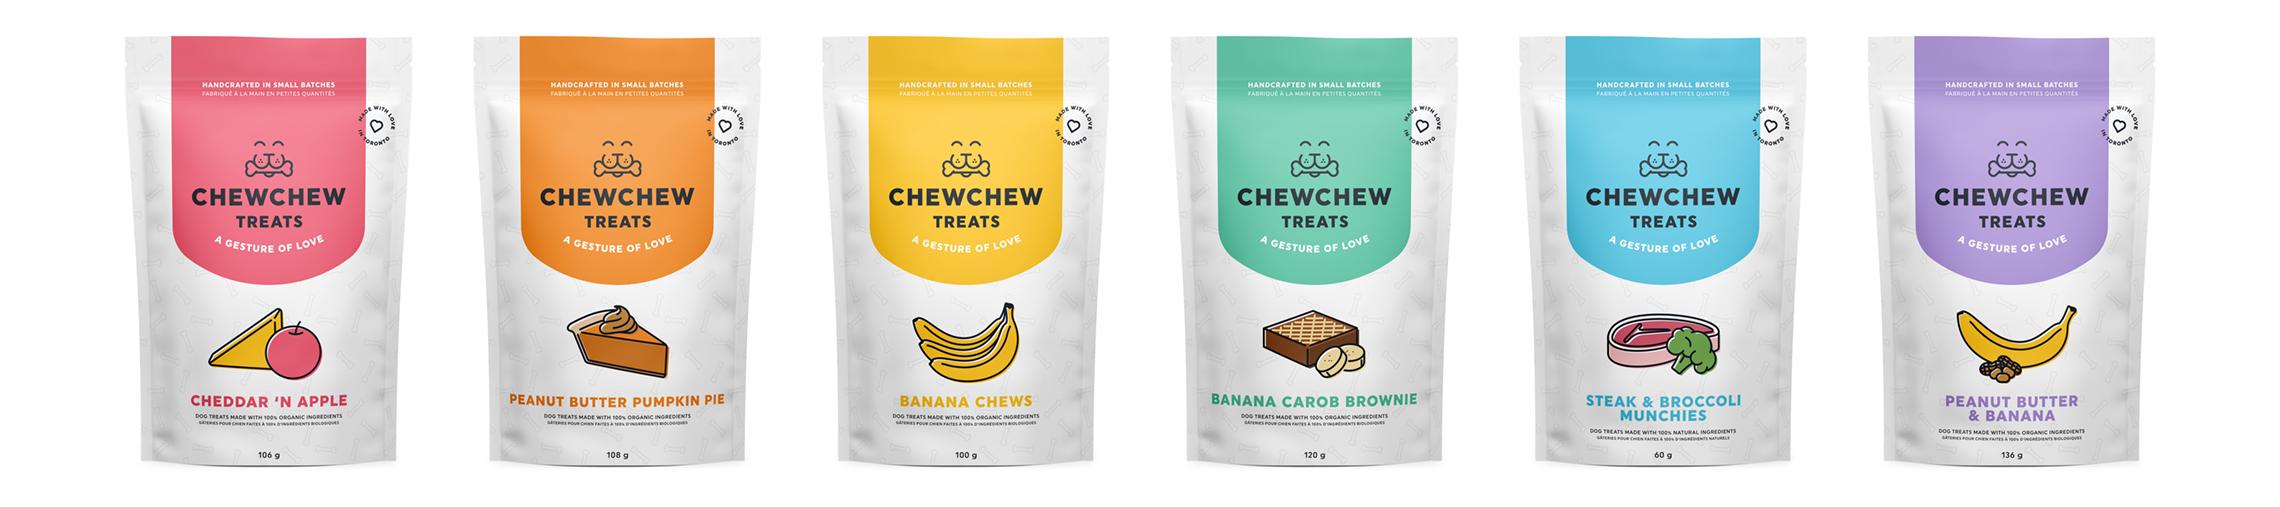 Brett Lair - Chew Chew Treats5.jpg